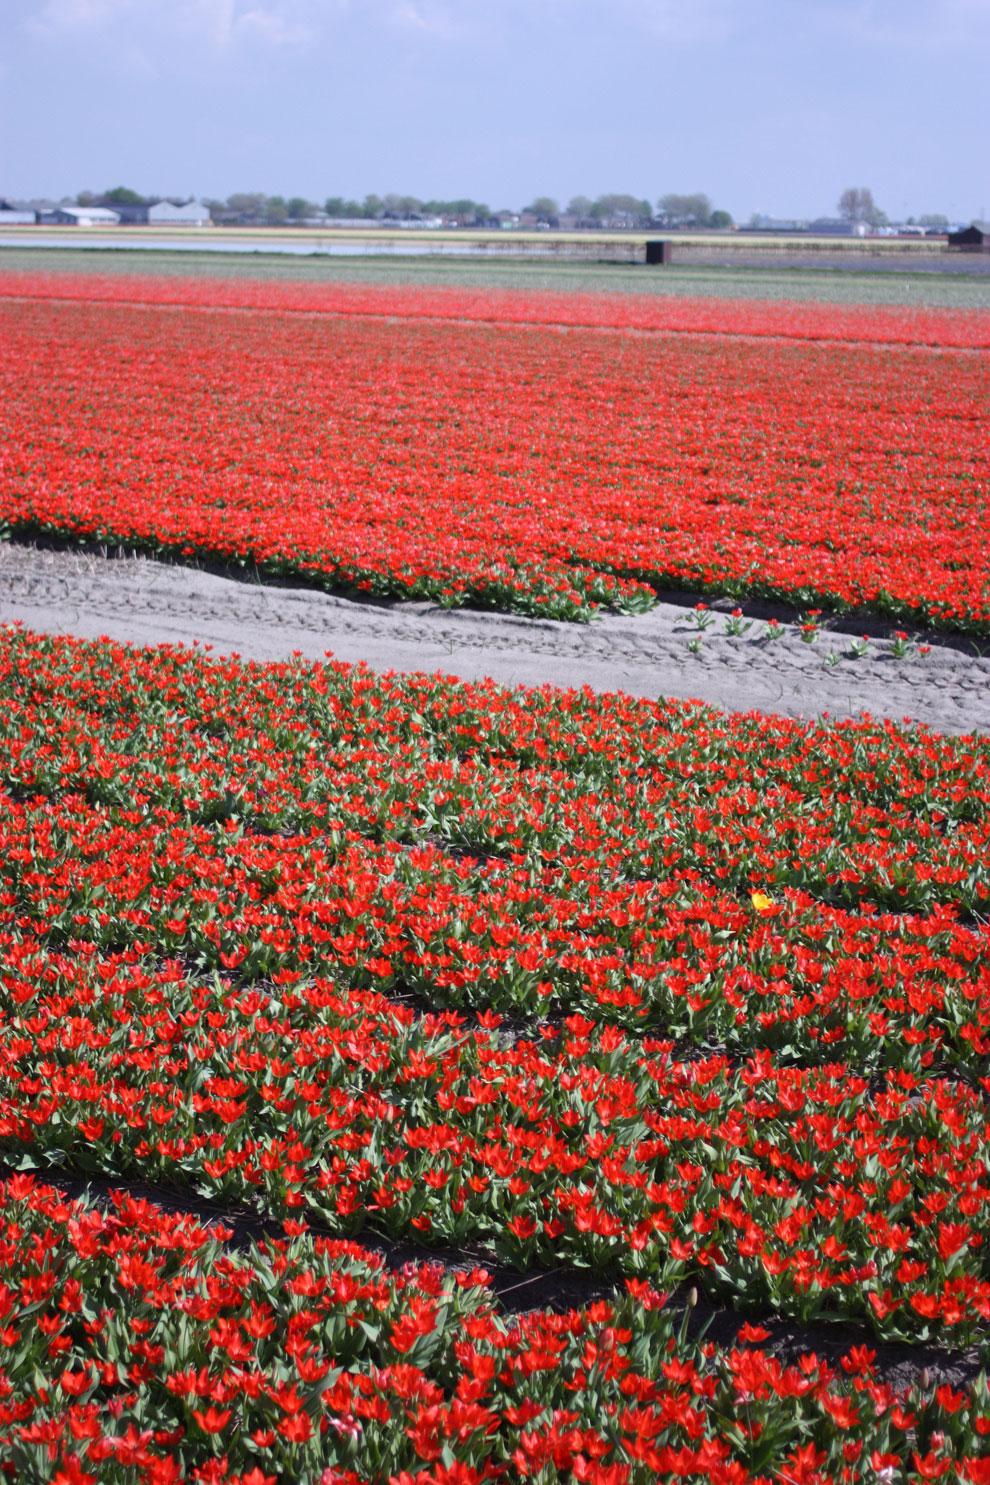 Keukenhof14_red_tulips_fiel.jpg